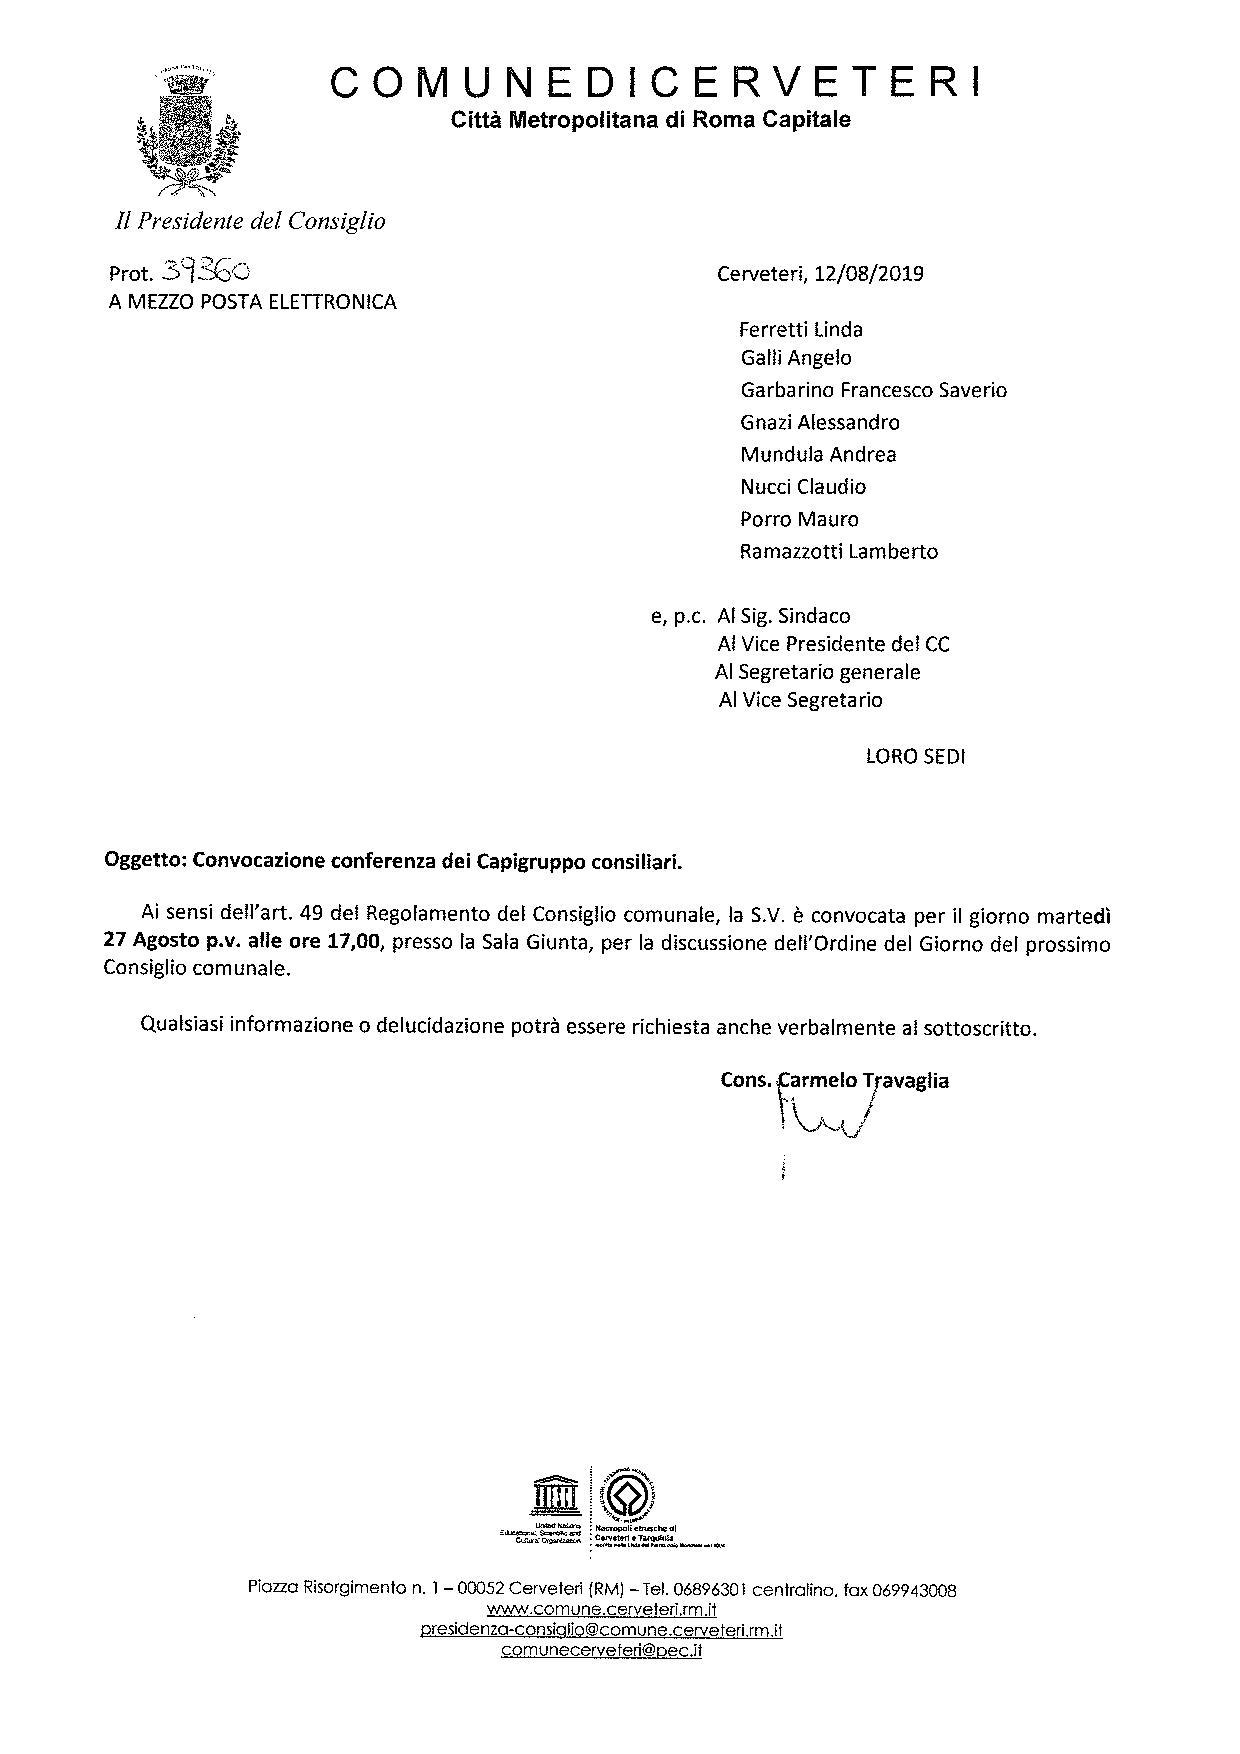 Convocazione conferenza Capigruppo consiliari del 27.08.2019